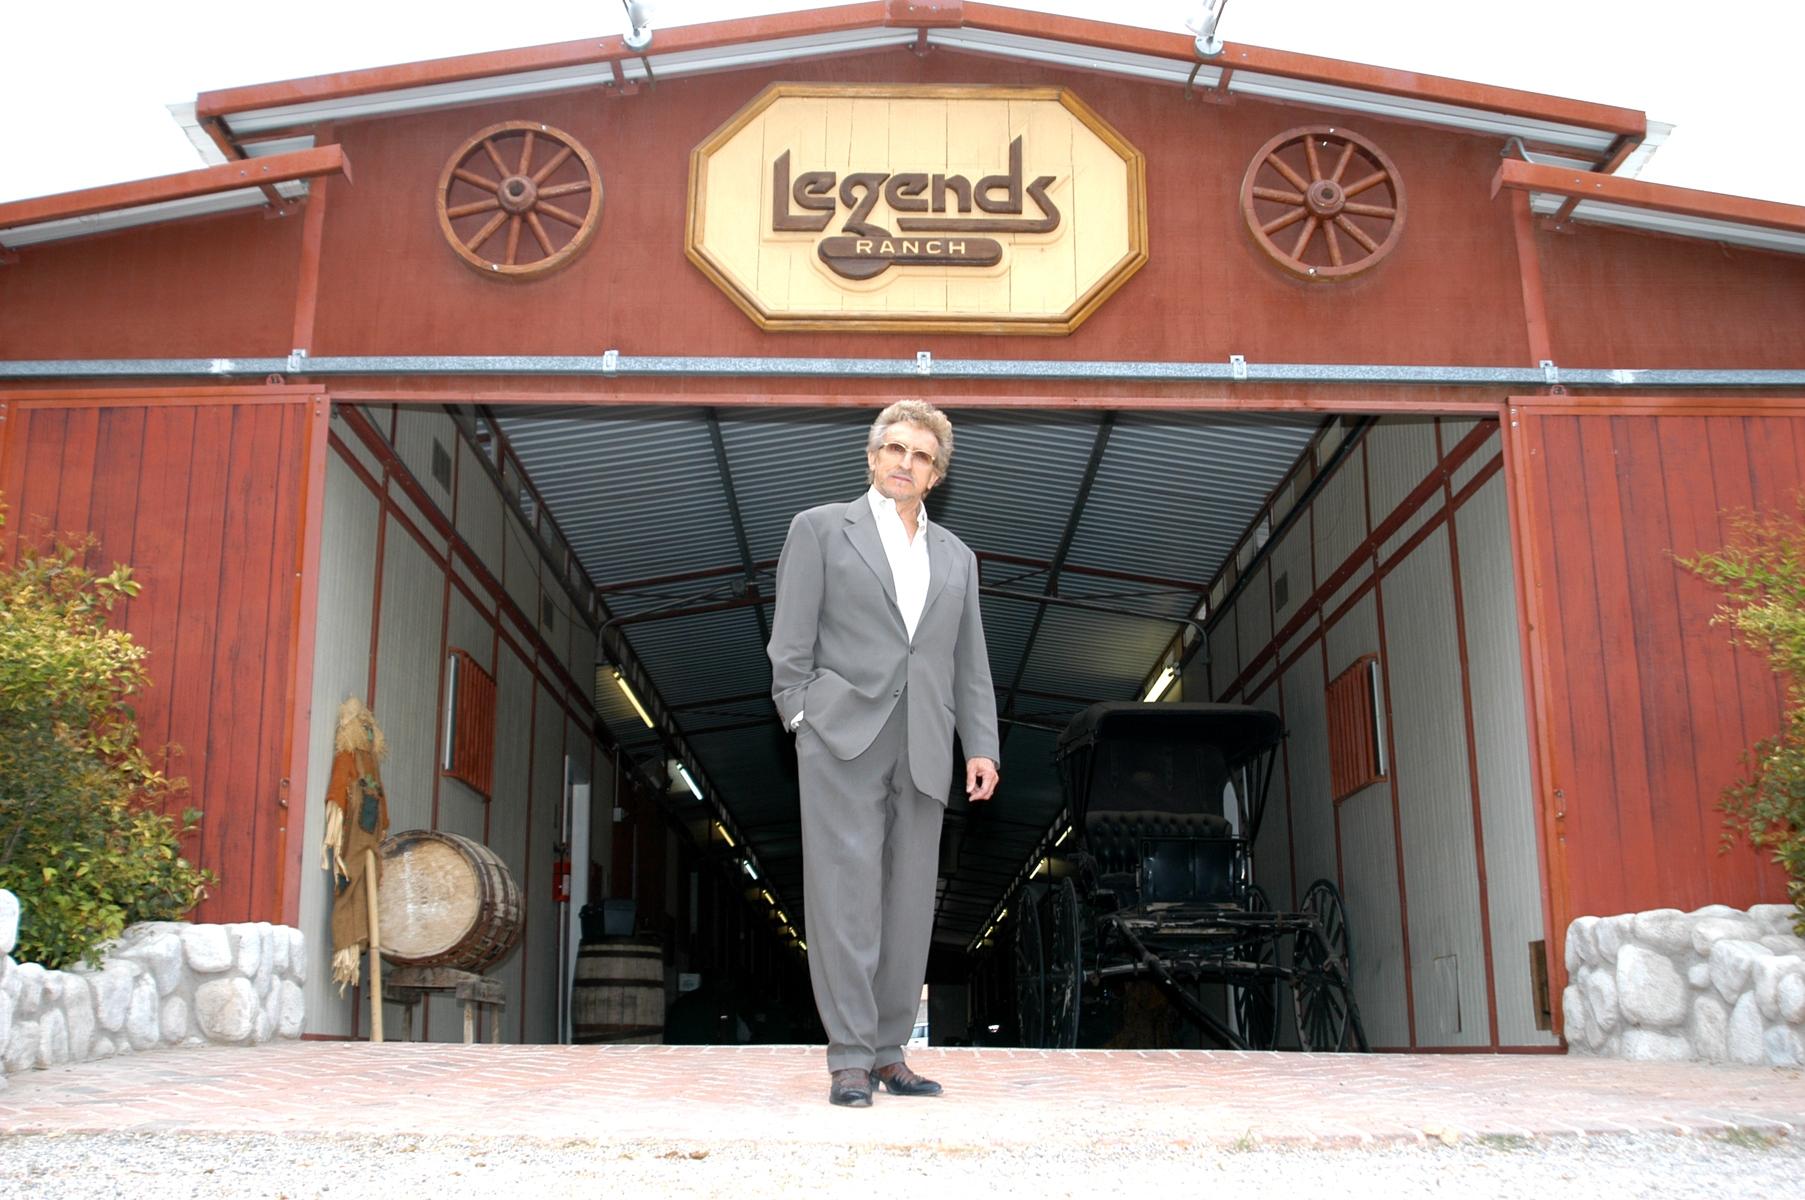 John Stuart at Legends Ranch